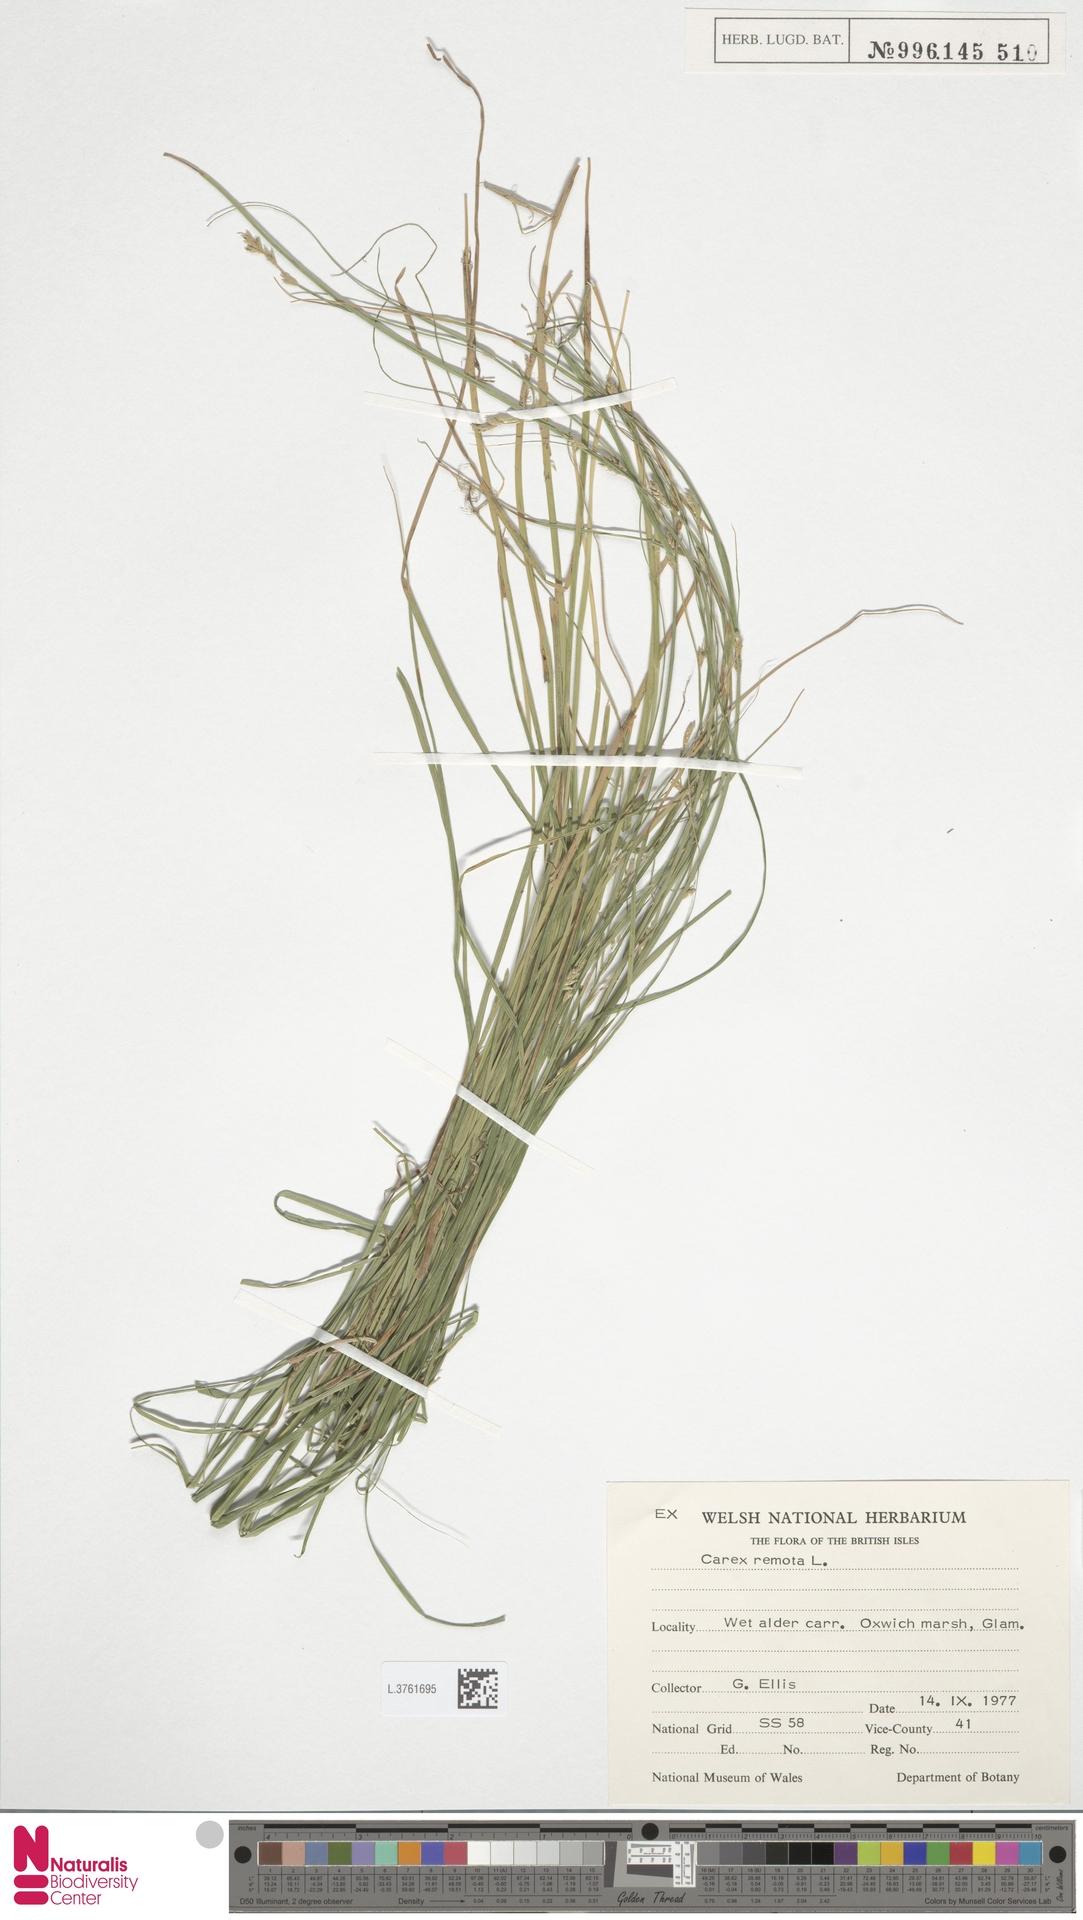 L.3761695 | Carex remota L.